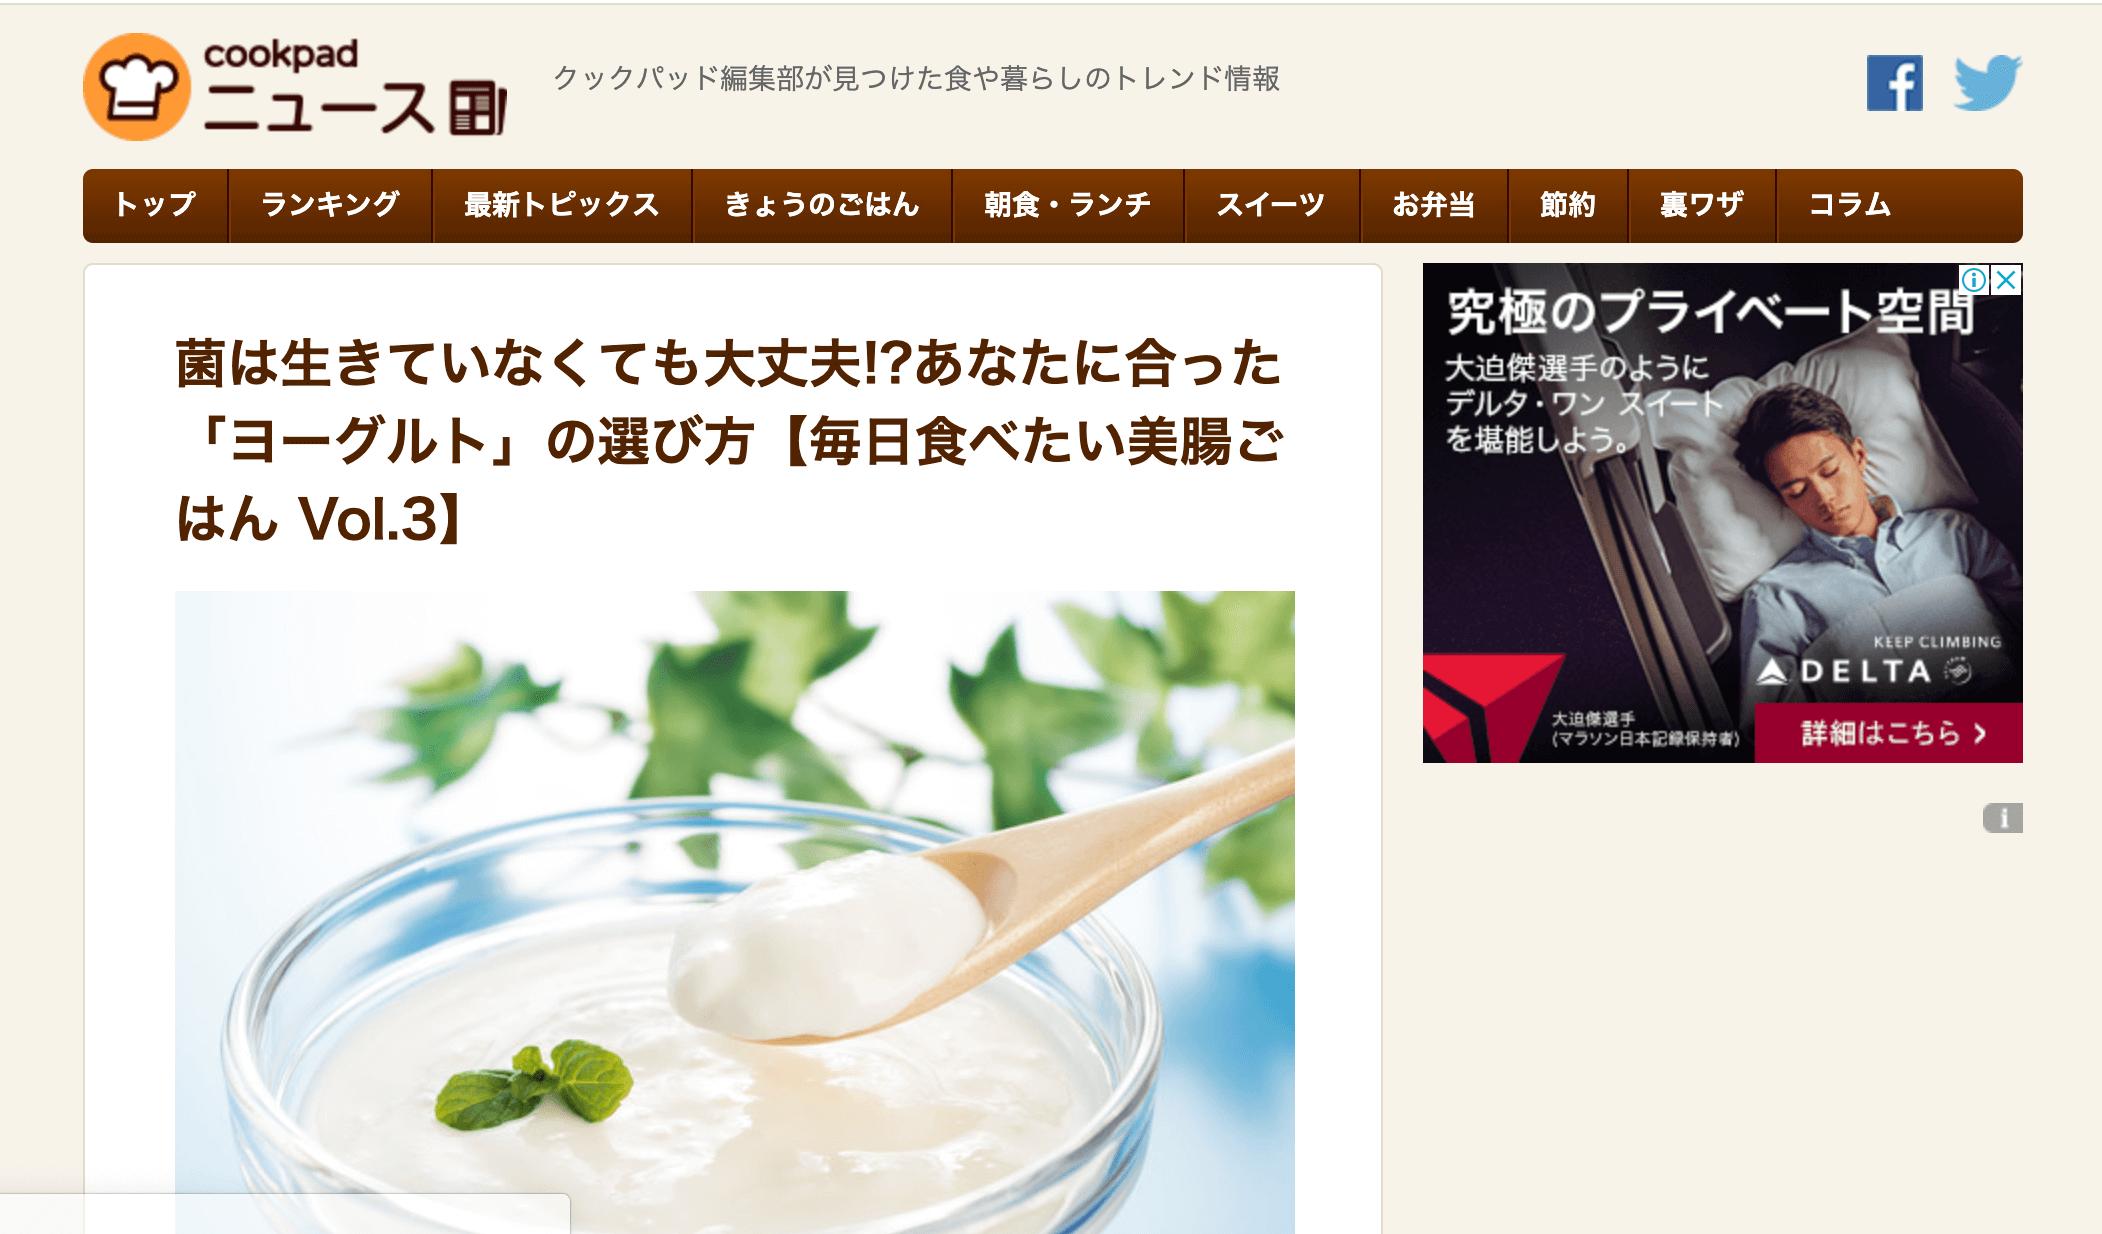 クックパッドニュース|藤橋ひとみ|毎日食べたい美腸ごはん|第3弾